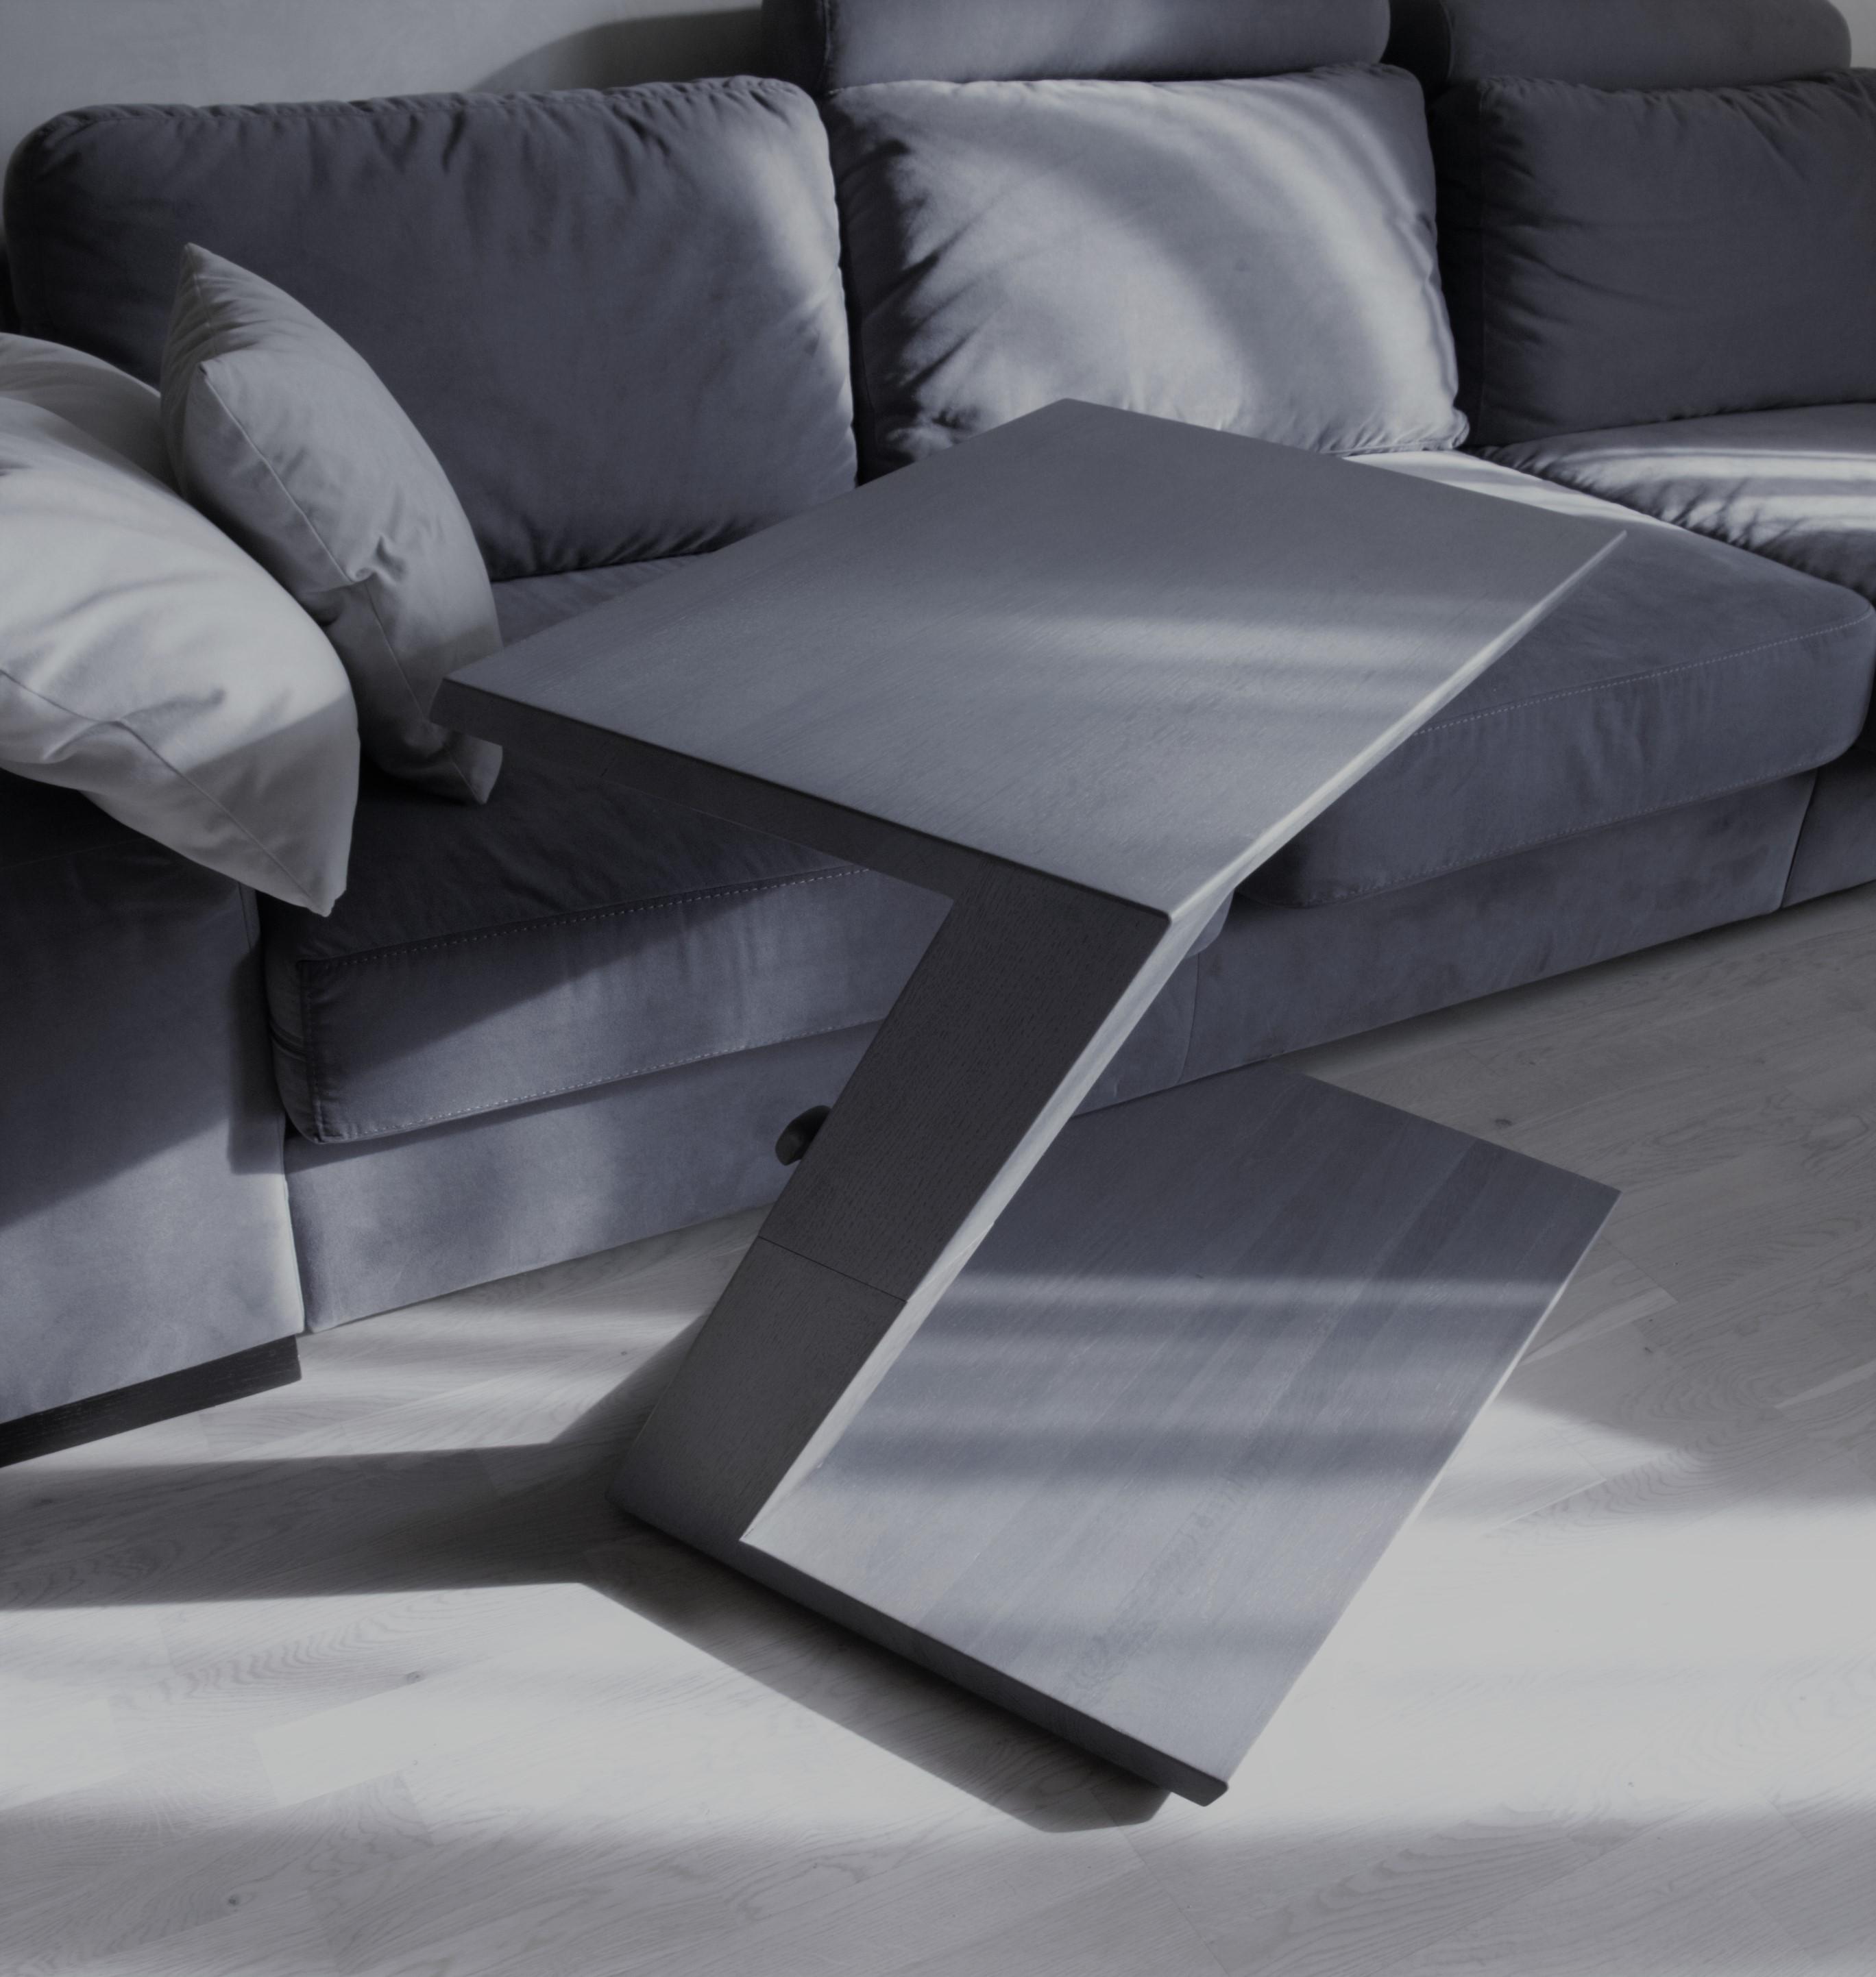 Фото Z-table Консольный, придиванный, прикроватный, компьютерный, журнальный столик. 4